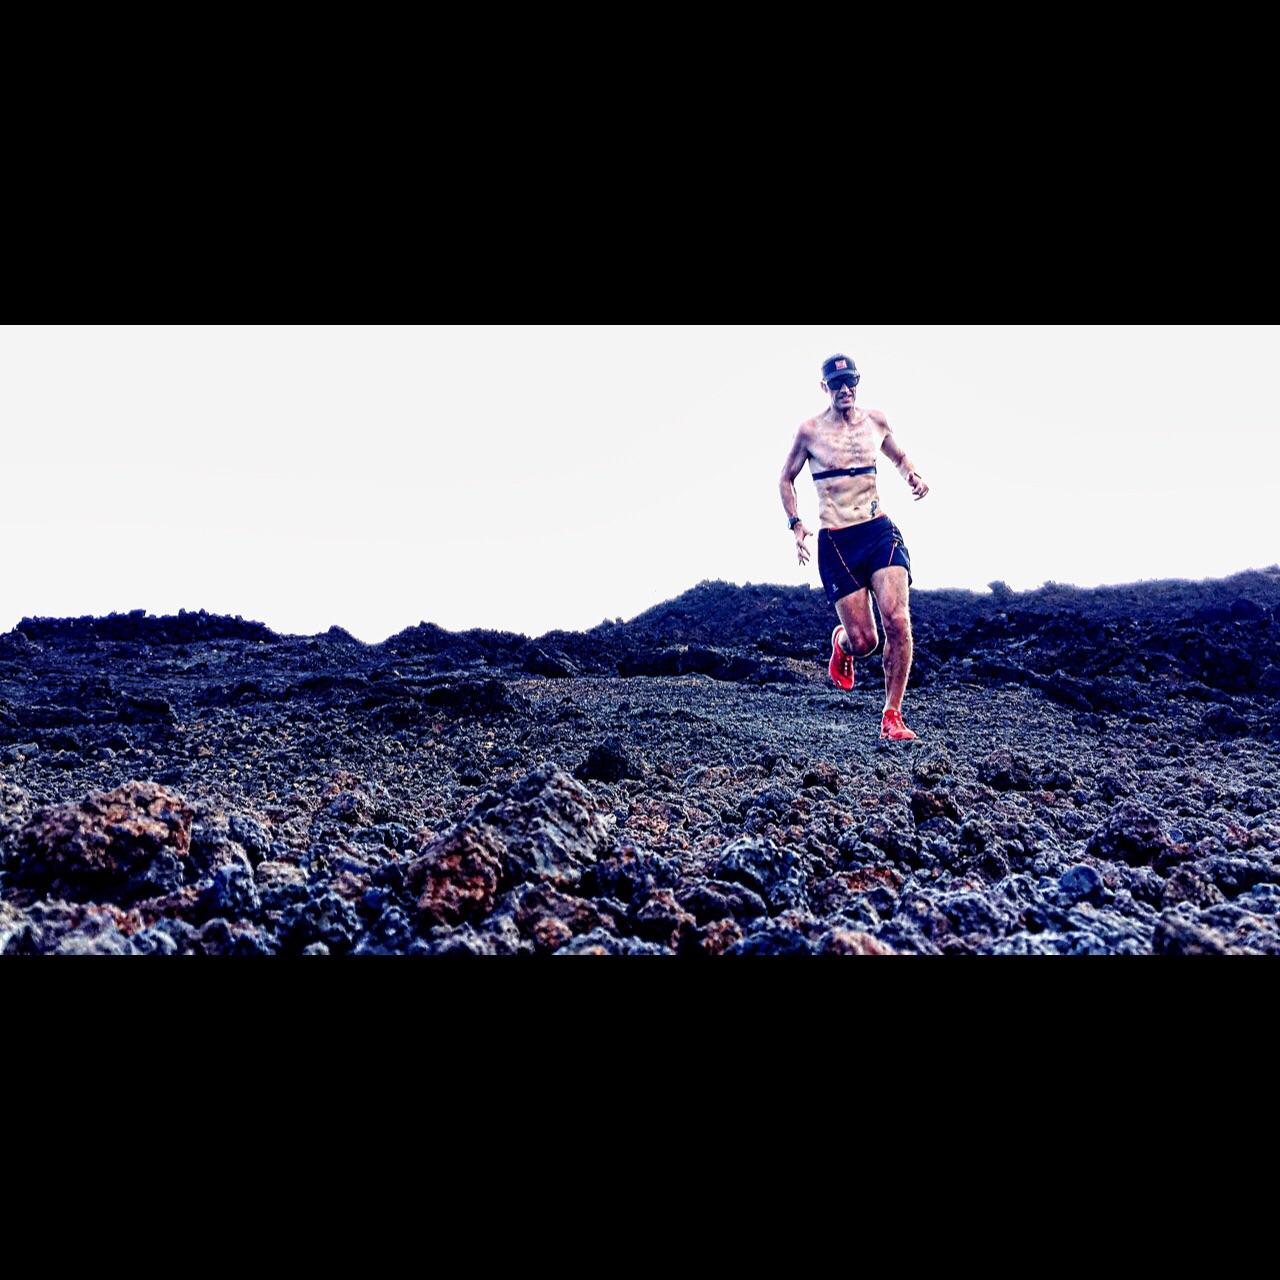 Running in lava rock